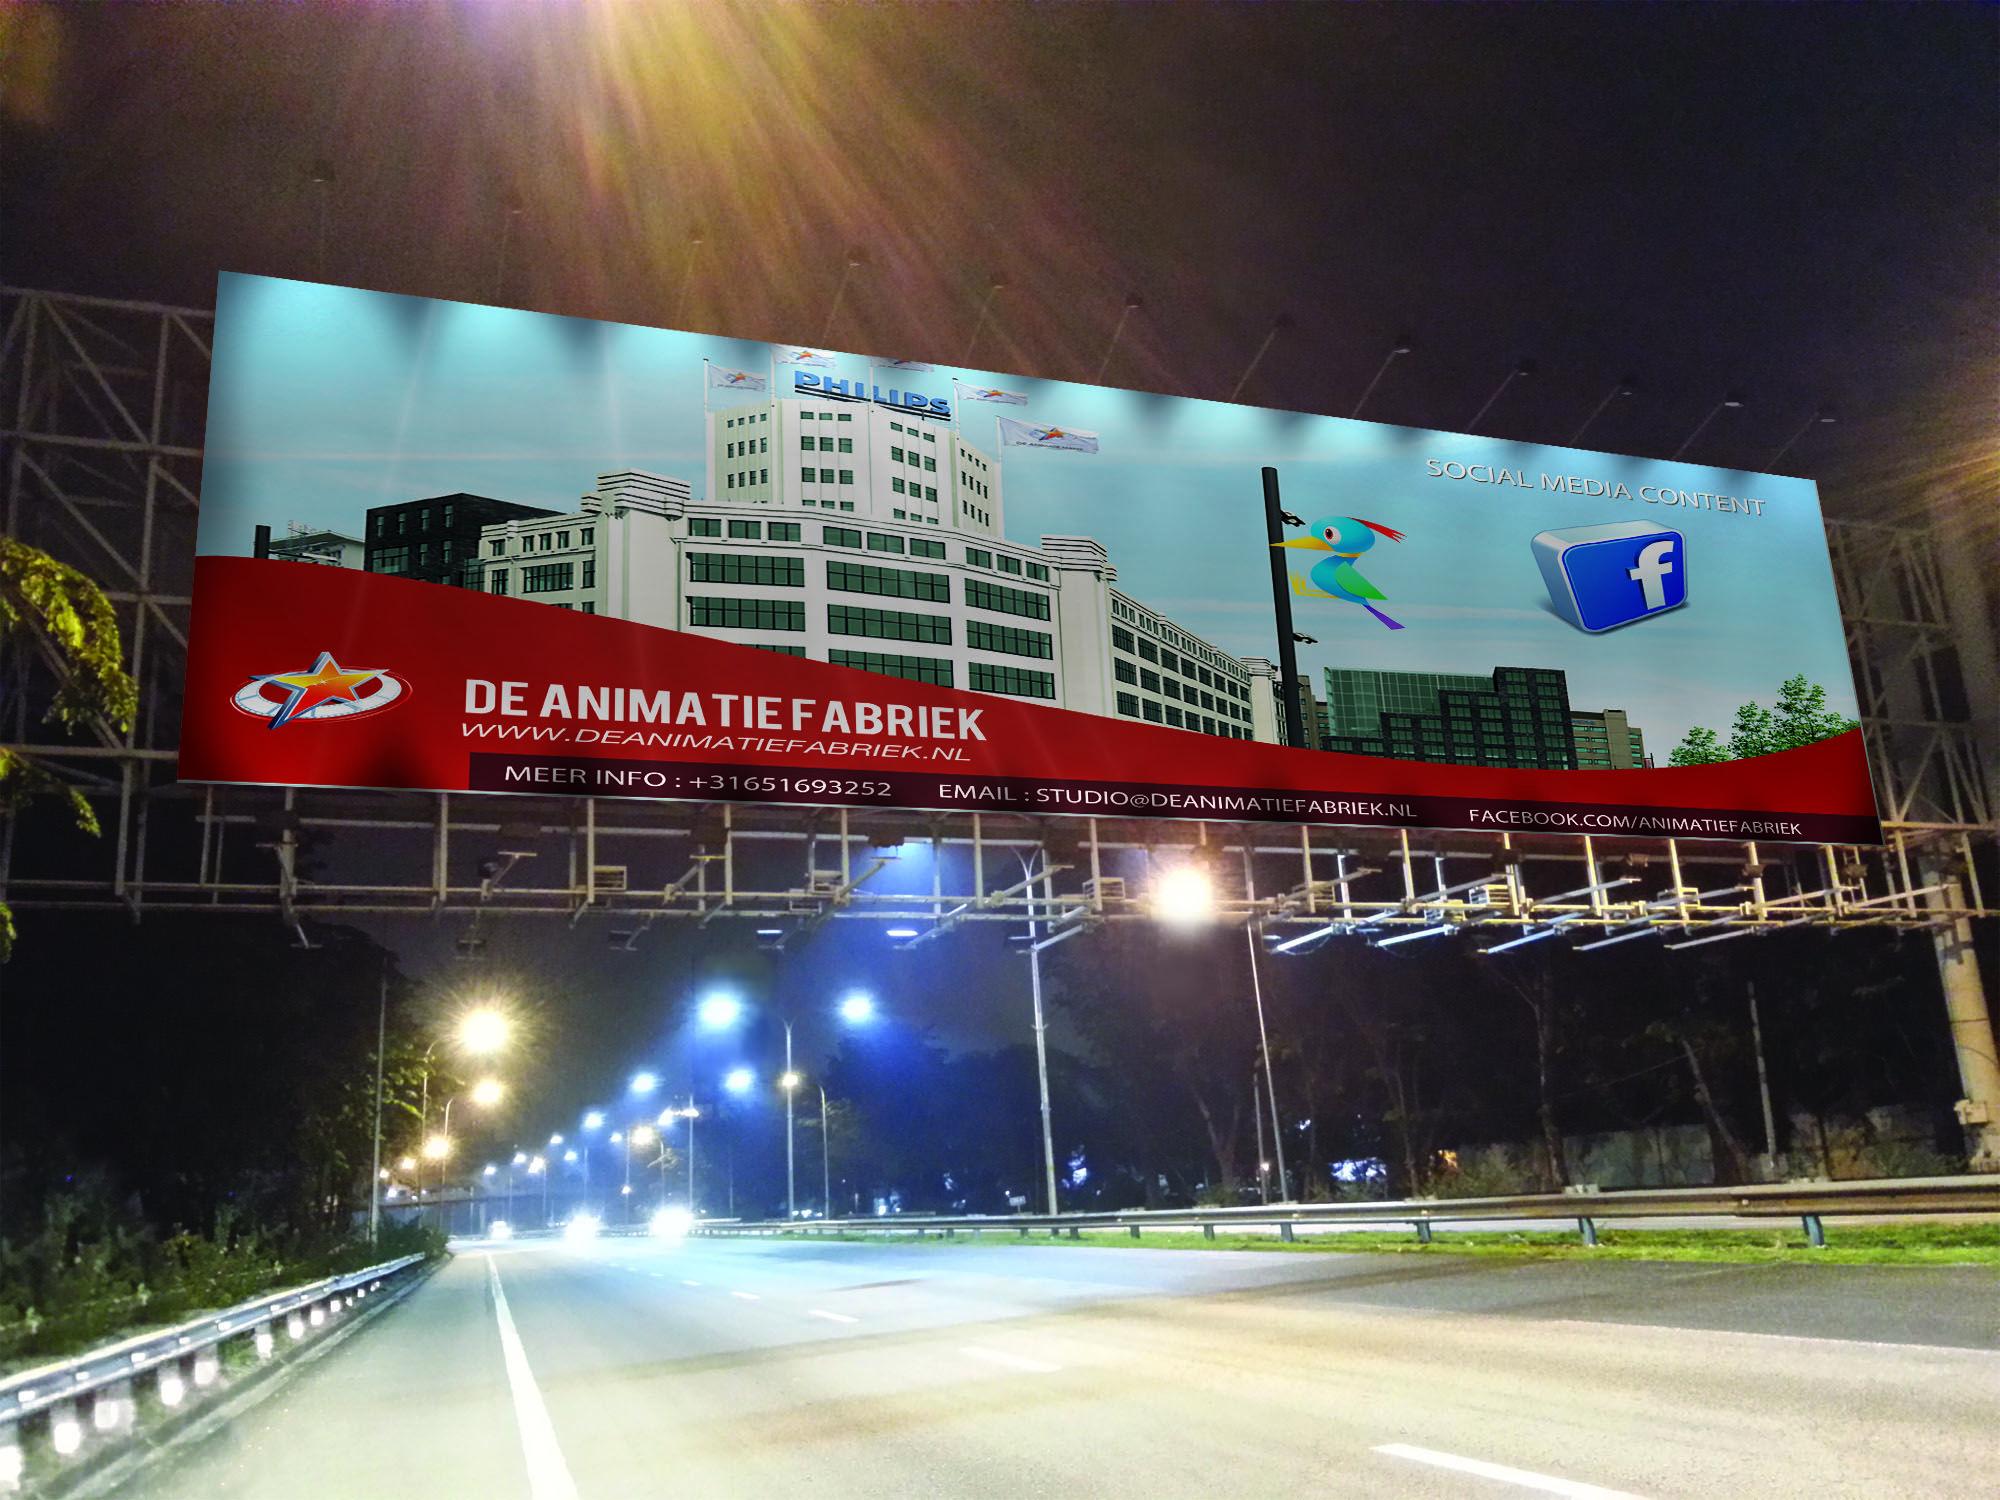 Onze banner maar dan tijdens de nachtelijke uren. Op deze manier krijg je pas een idee hoe uw reclame er uit ziet bij avond.